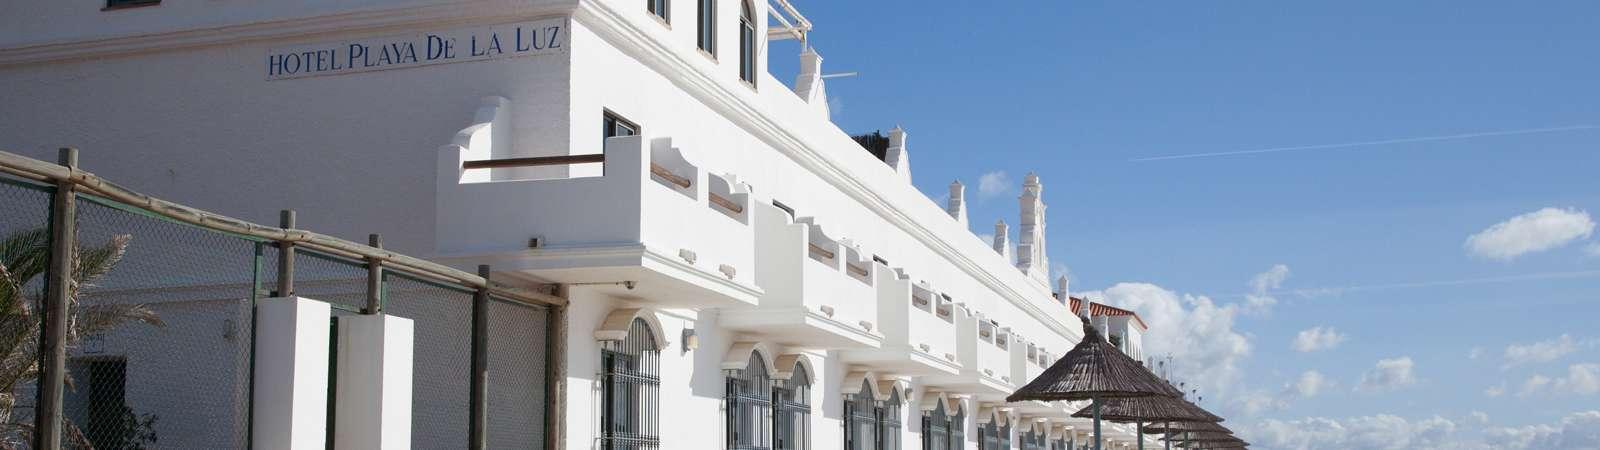 Fachada del Hotel Playa de la Luz